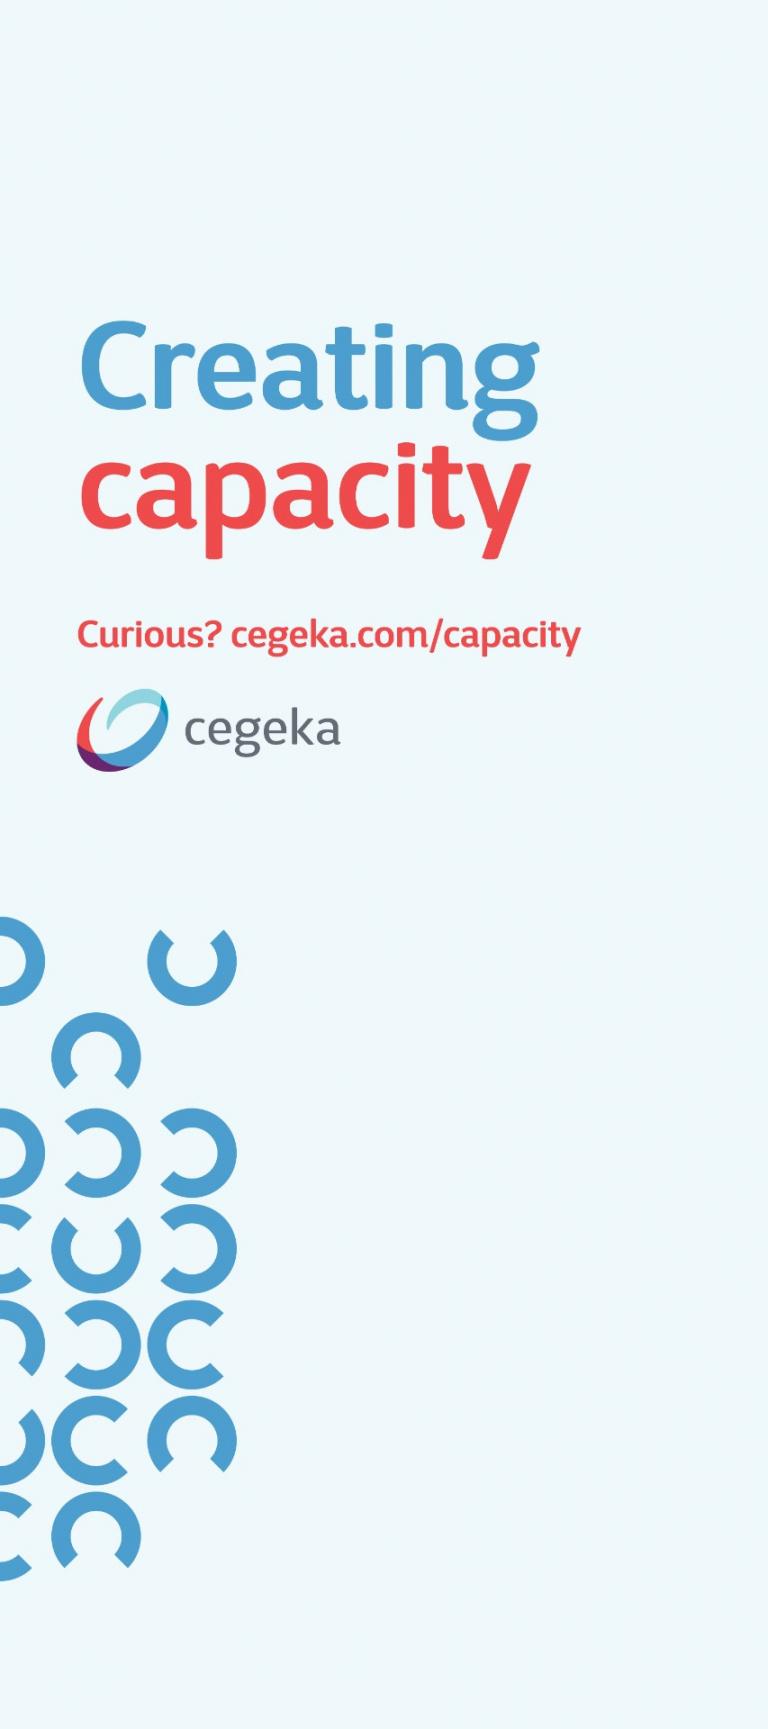 CEGEKA_banier capacity drieluik 3 RGB_Tekengebied 1 kopie 2.jpg